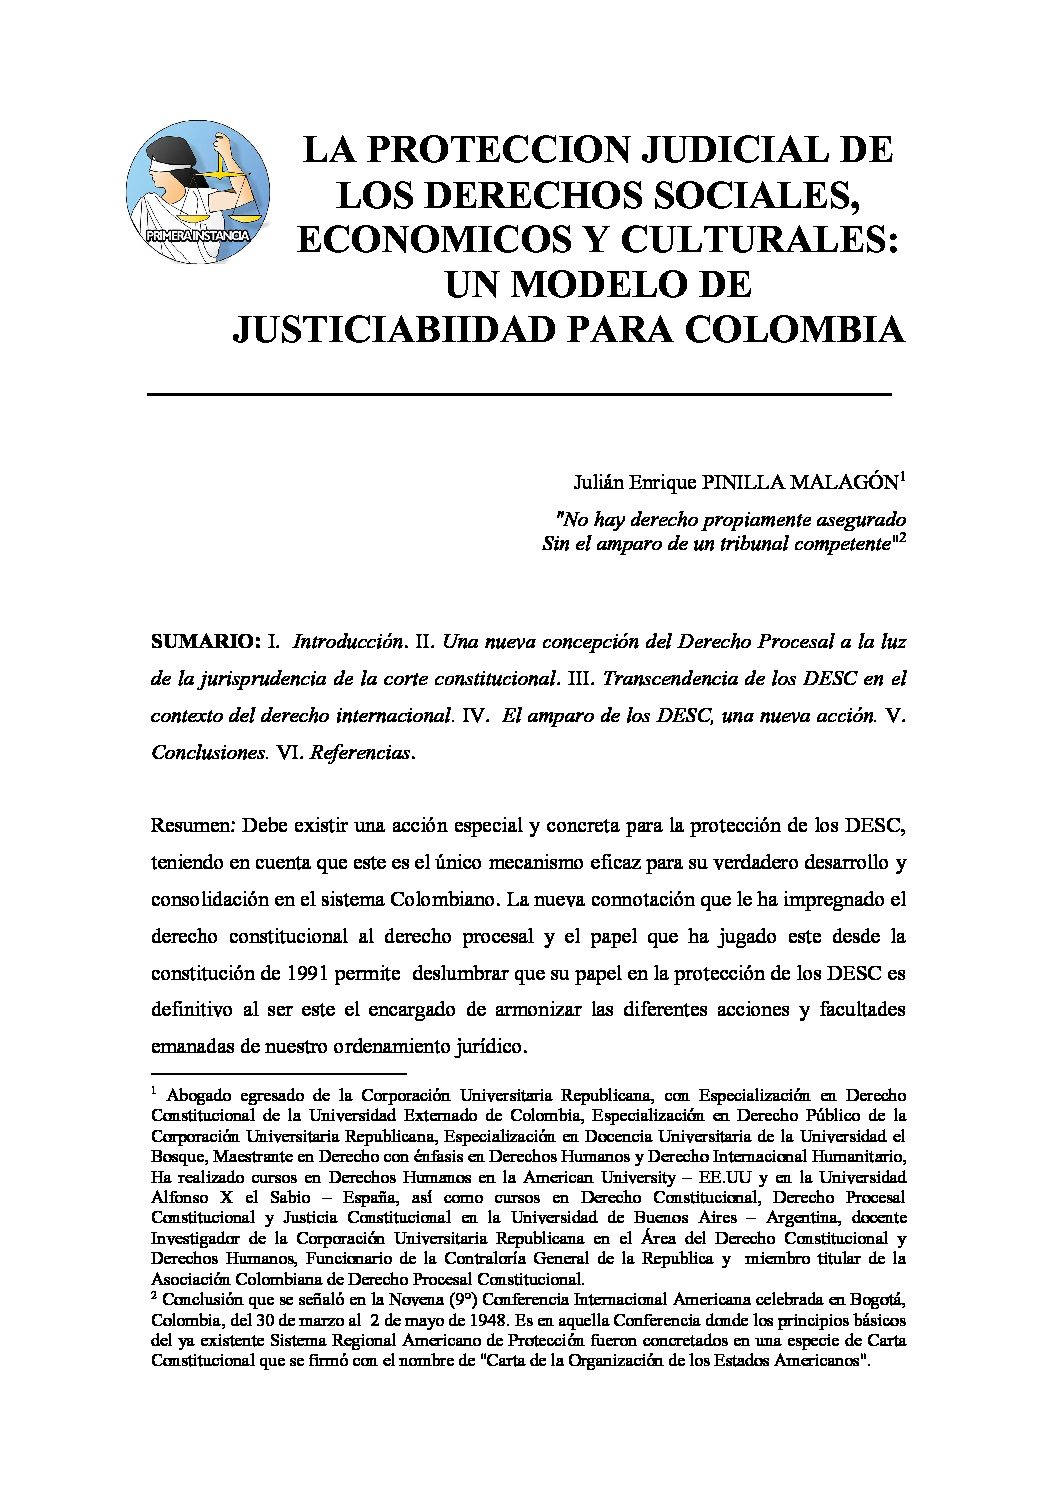 LA PROTECCION JUDICIAL DE LOS DERECHOS SOCIALES, ECONOMICOS Y CULTURALES. UN MODELO DE JUSTICIABIIDAD PARA COLOMBIA, Julián Enrique Pinilla Malagón